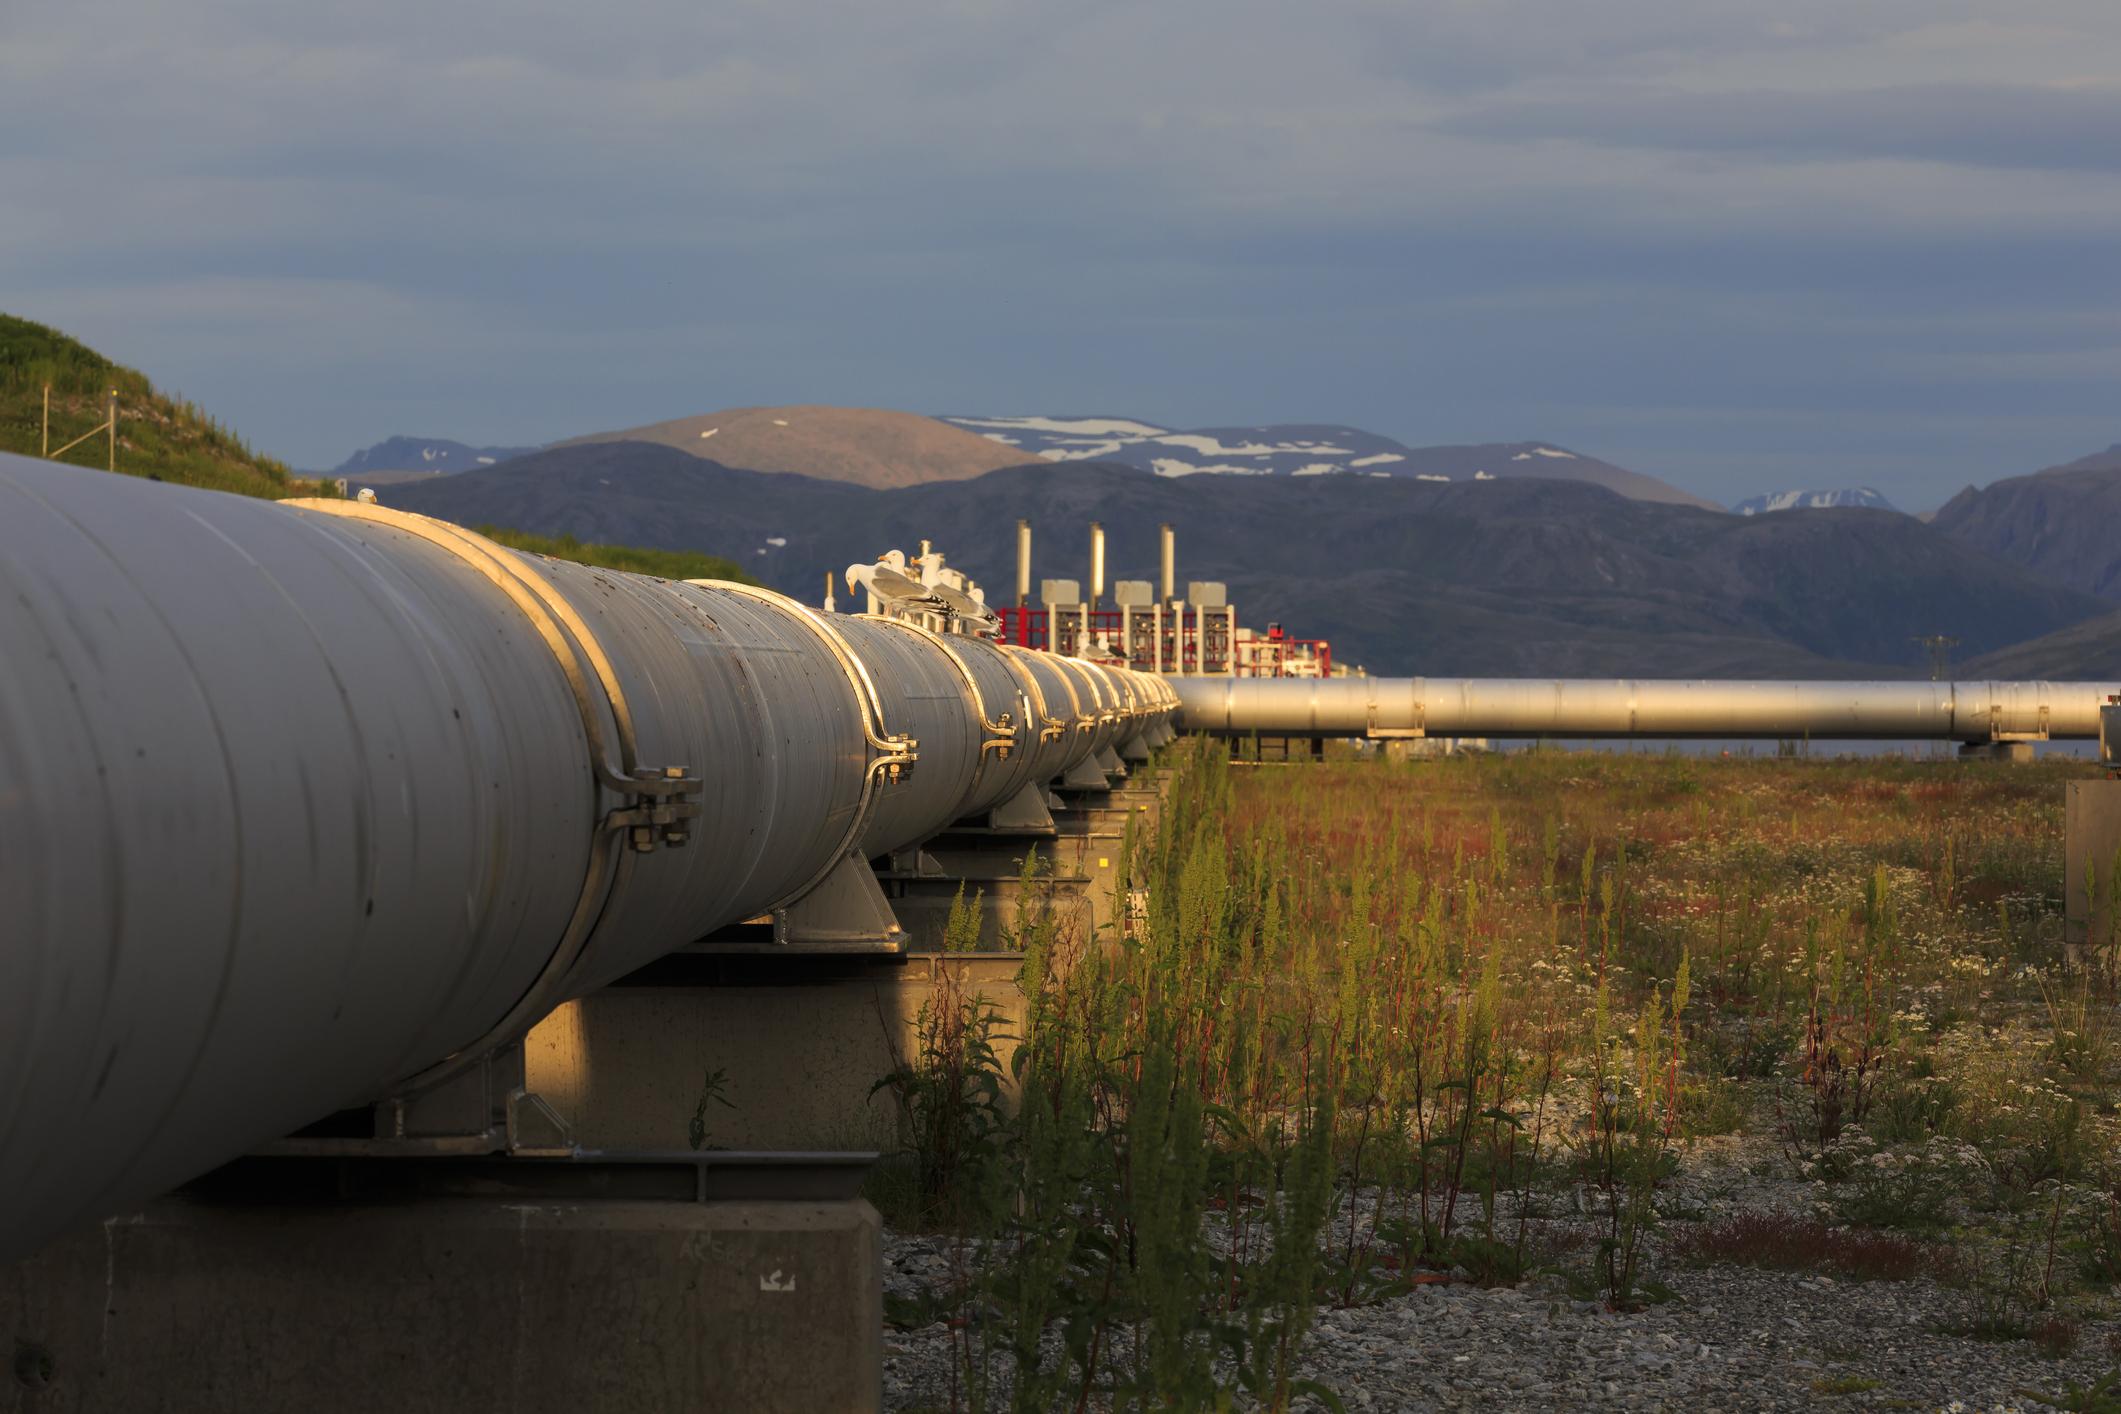 A pipeline in daylight